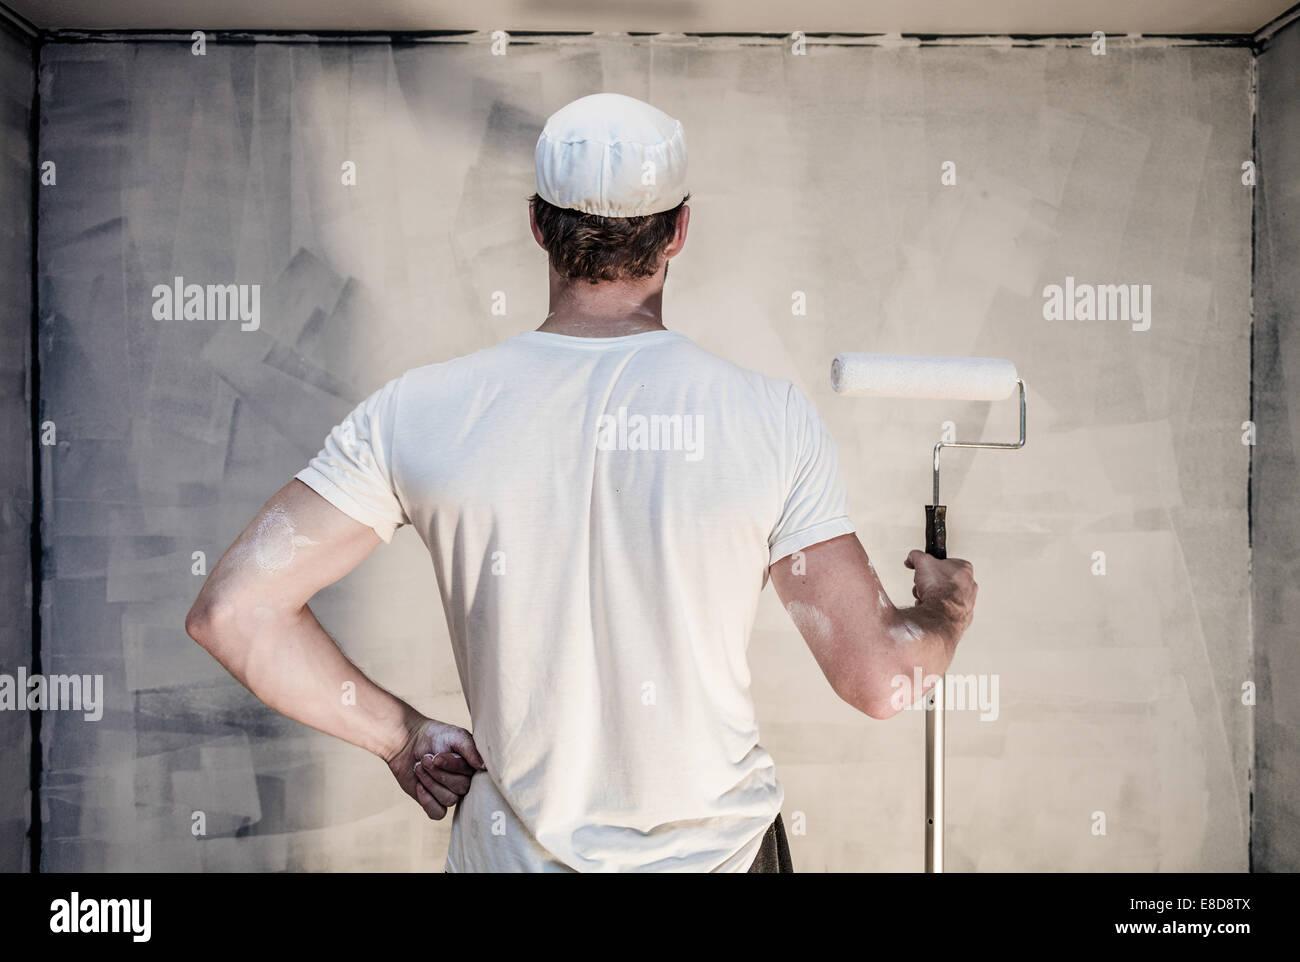 Stolze Männer auf der Suche an die Wand gemalt - Grundierung erfolgt Stockbild